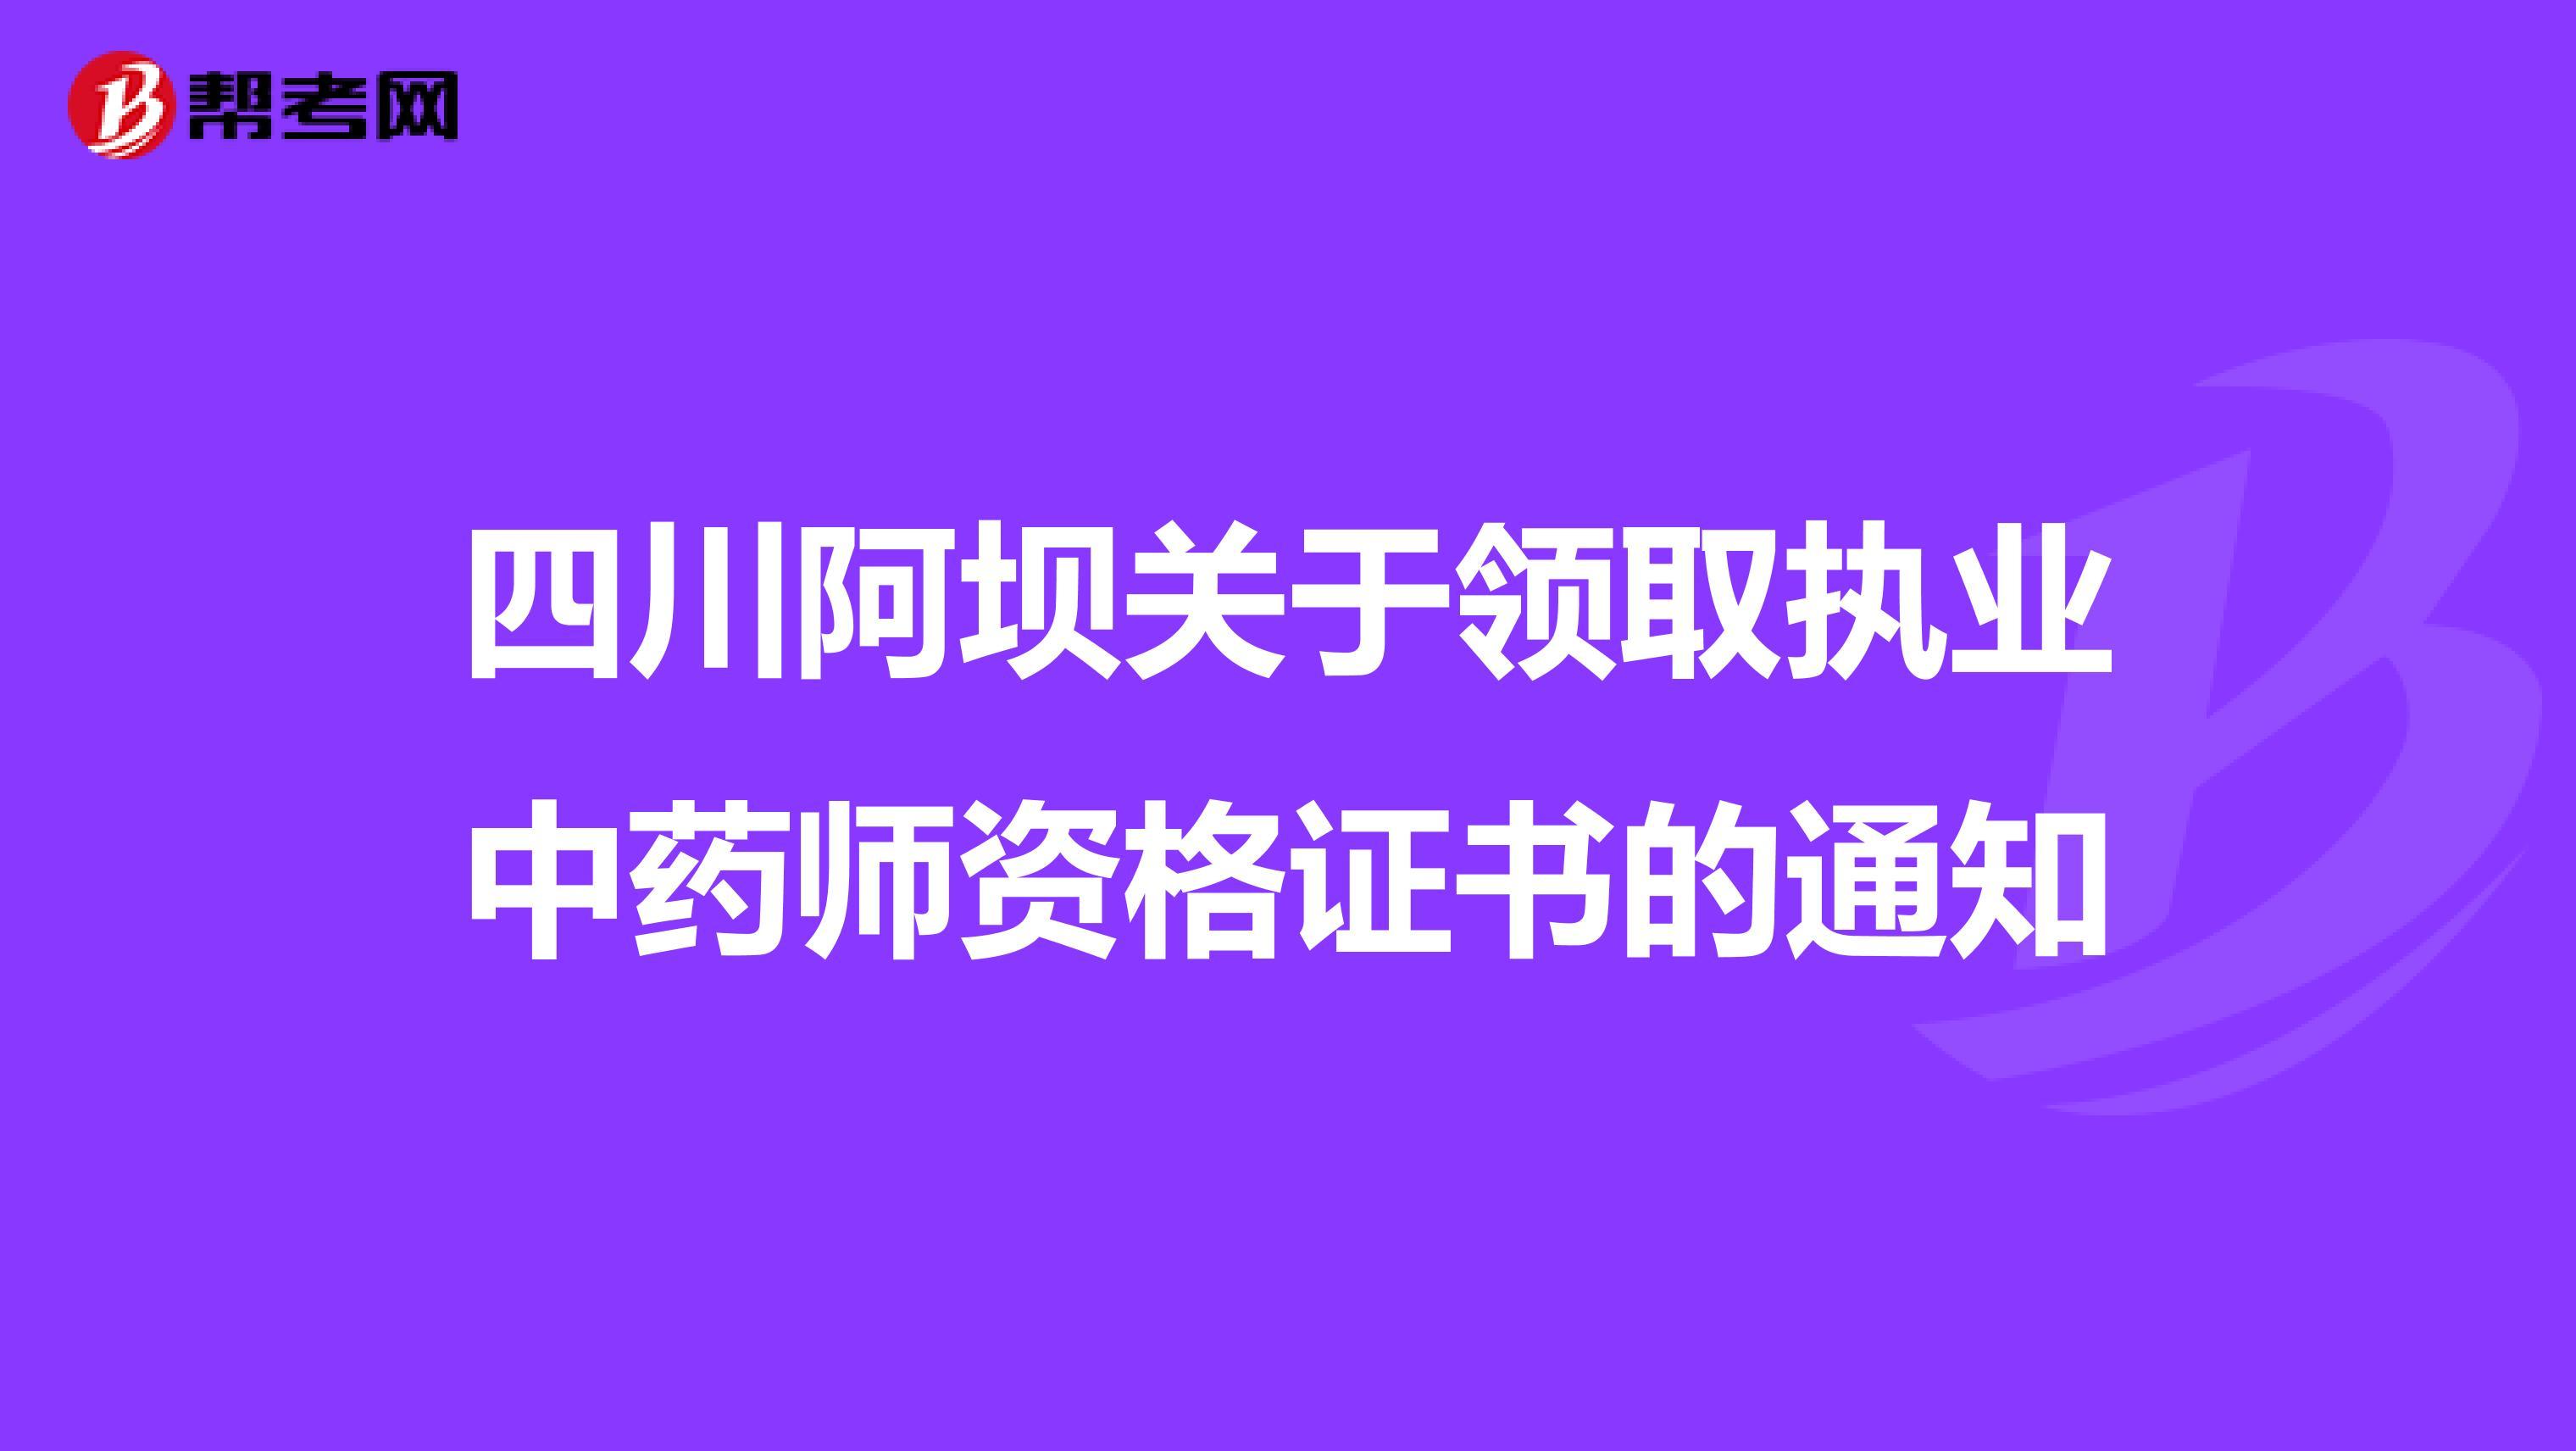 四川阿坝关于领取执业中药师资格证书的通知